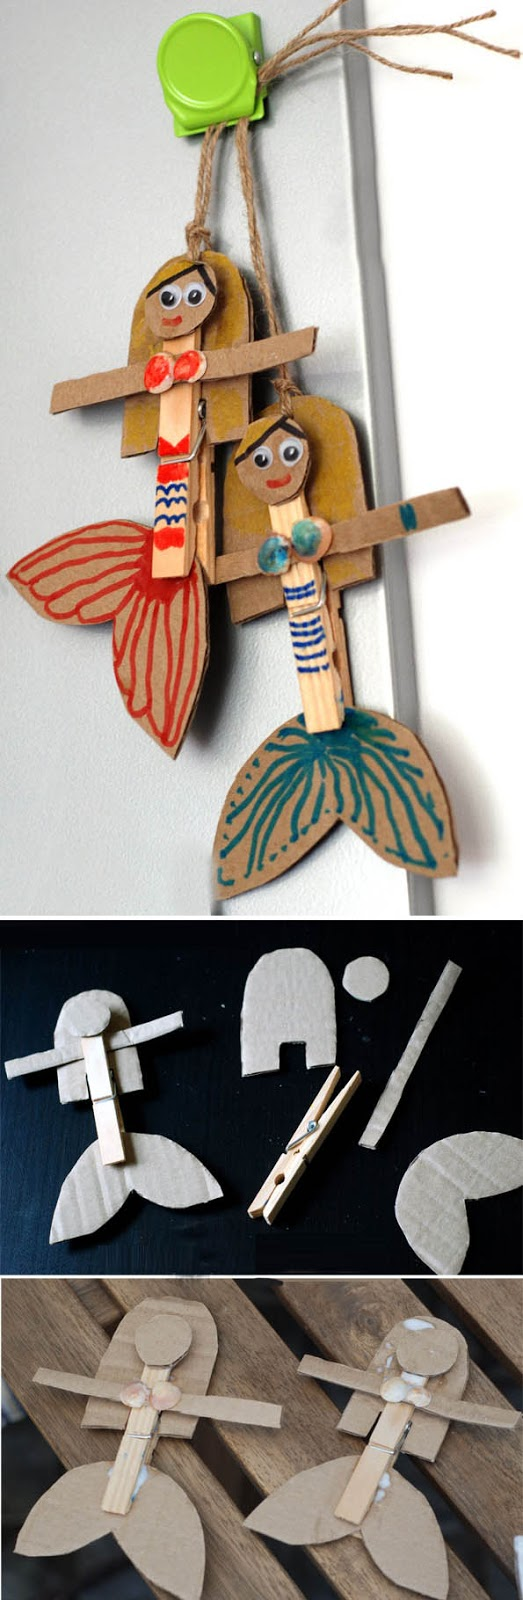 Yumurta Kartonundan Minyatür Deniz Canlısı Yapımı